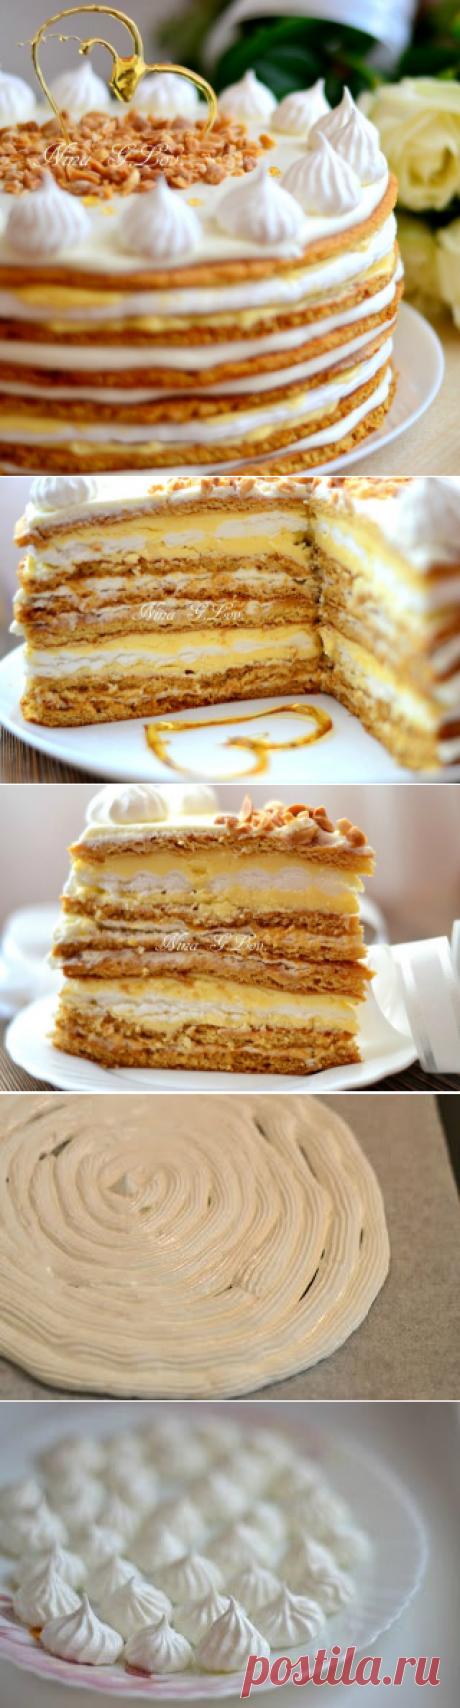 """Медовый торт """"Полет шмеля"""" (на мед) или """"Мое сладкое утро"""""""